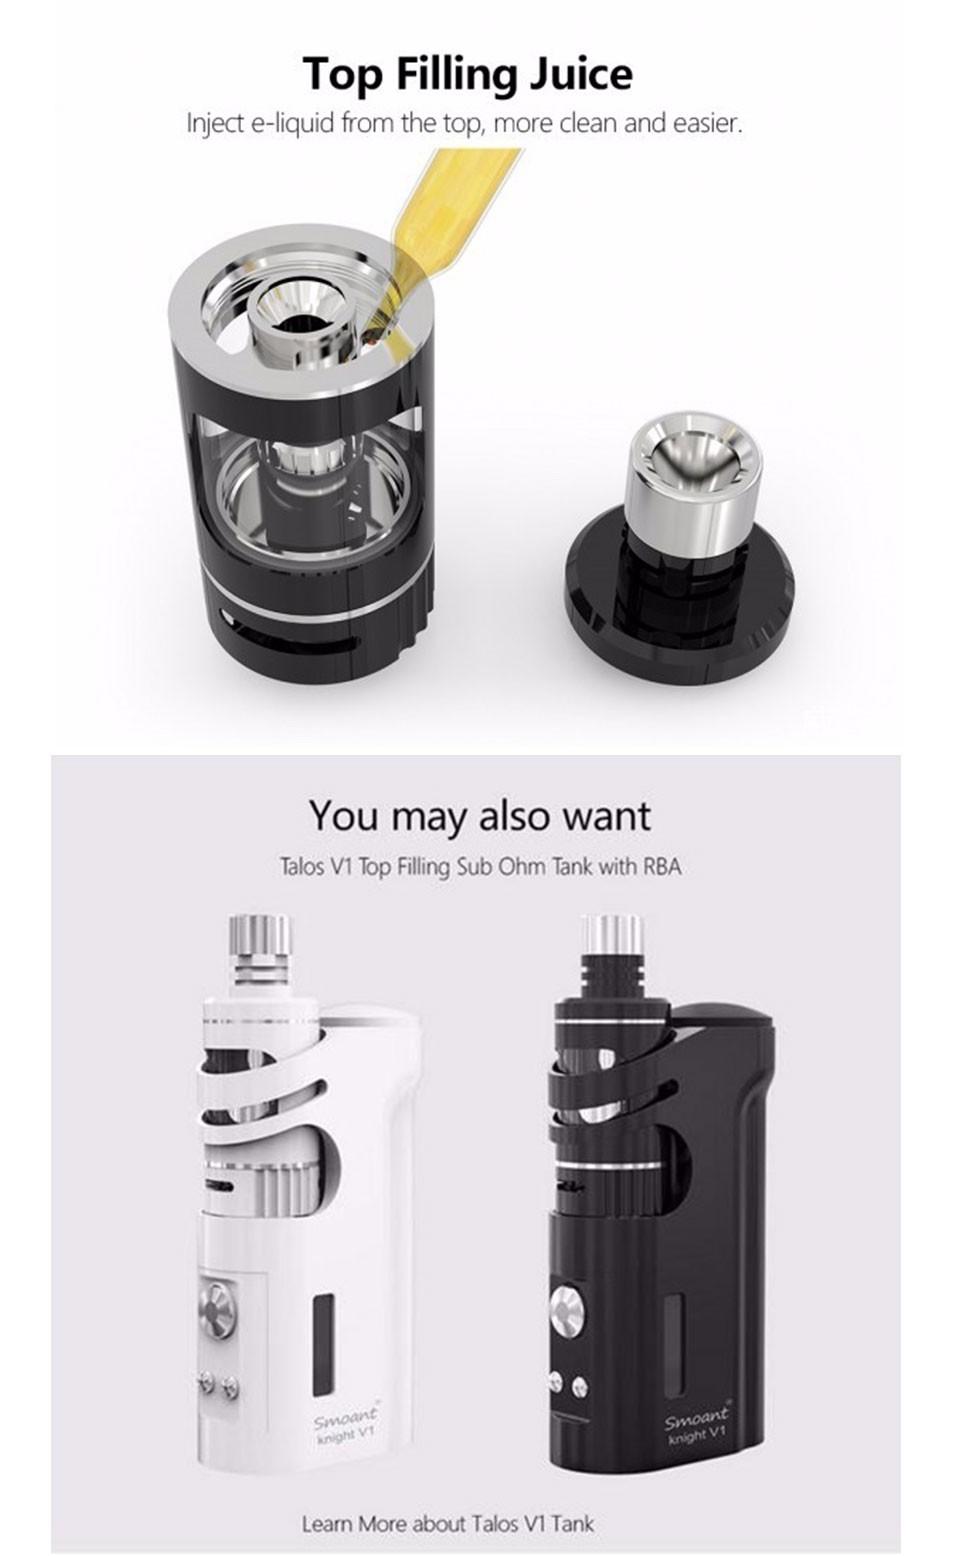 ถูก SmoantอัศวินV1 60วัตต์ชุดvapeอุณหภูมิควบคุมบุหรี่อิเล็กทรอนิกส์